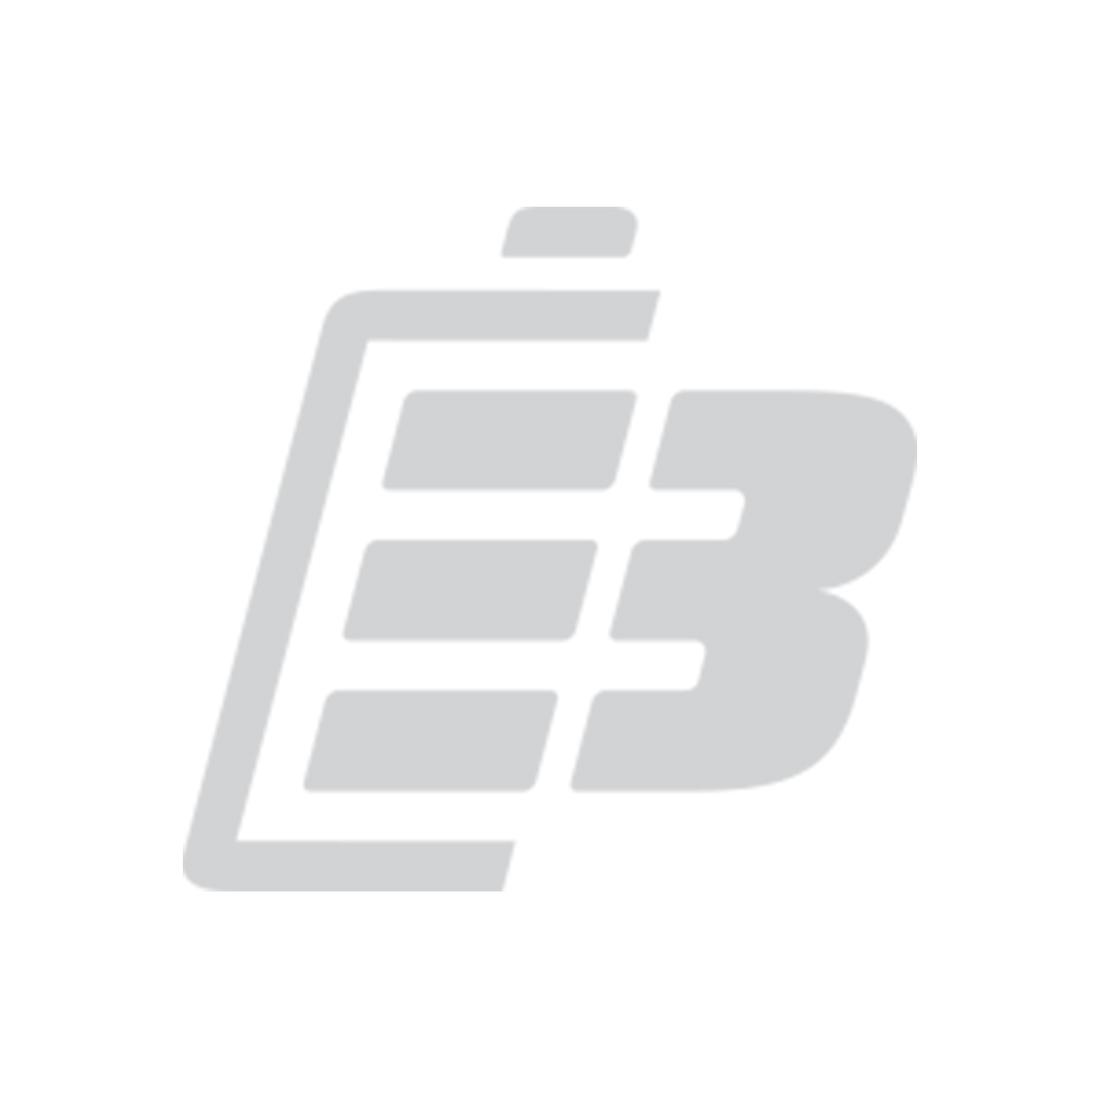 CSB Lead Acid Battery XHRL12410W 1